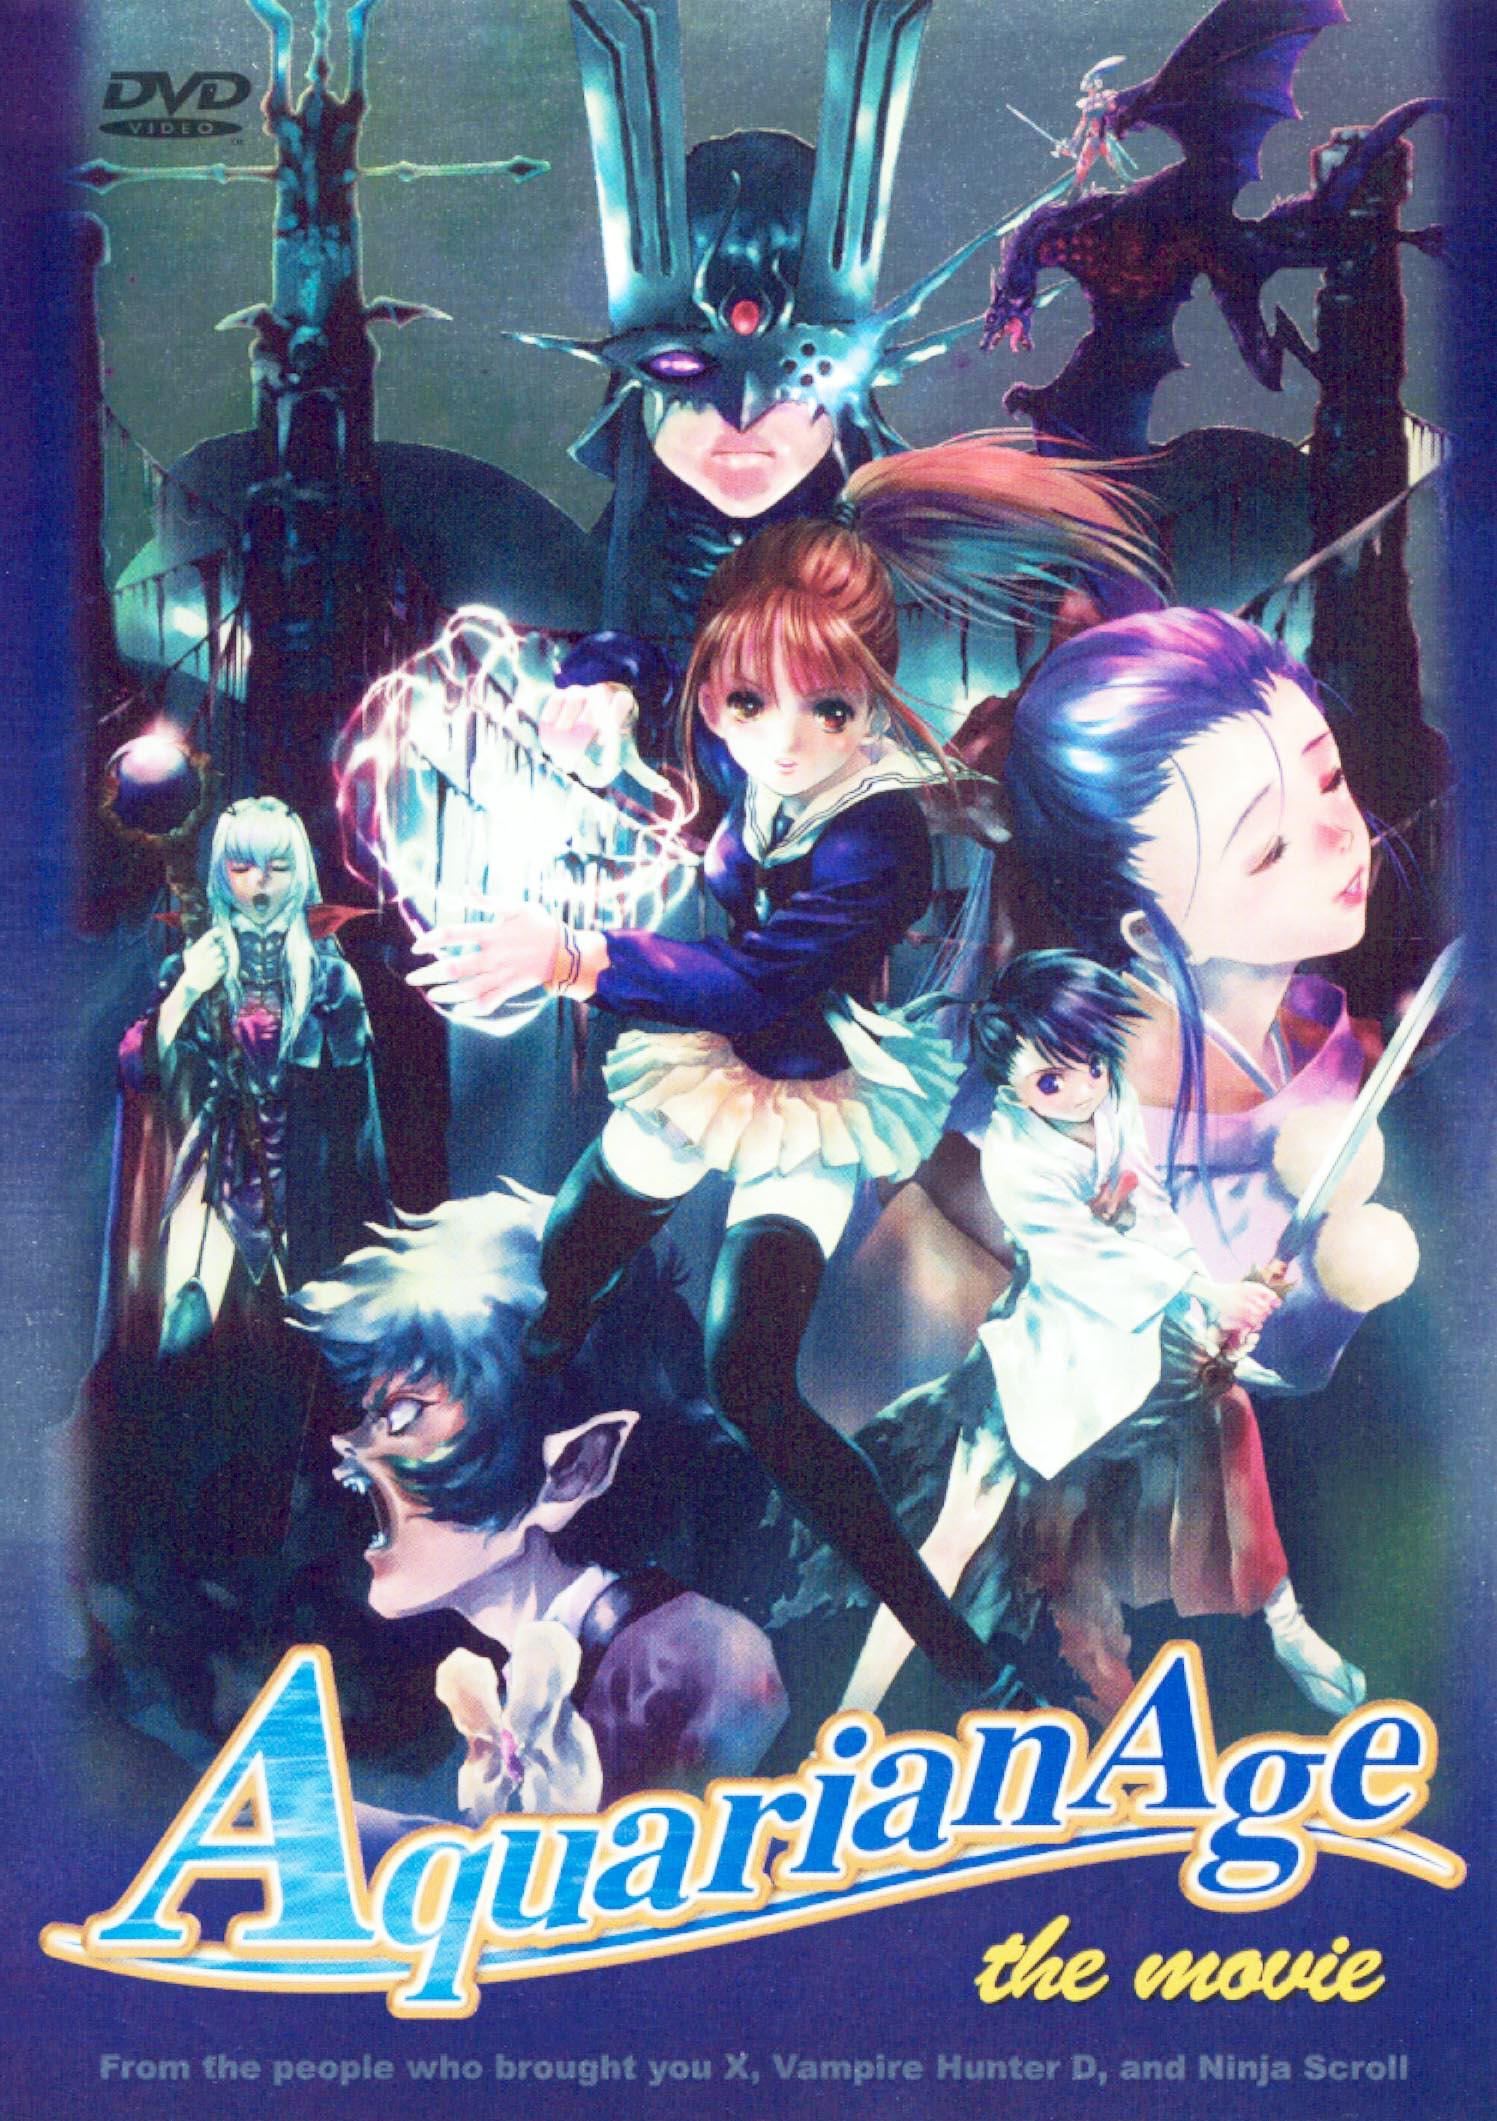 Aquarian Age: The Movie [Anime OVA]